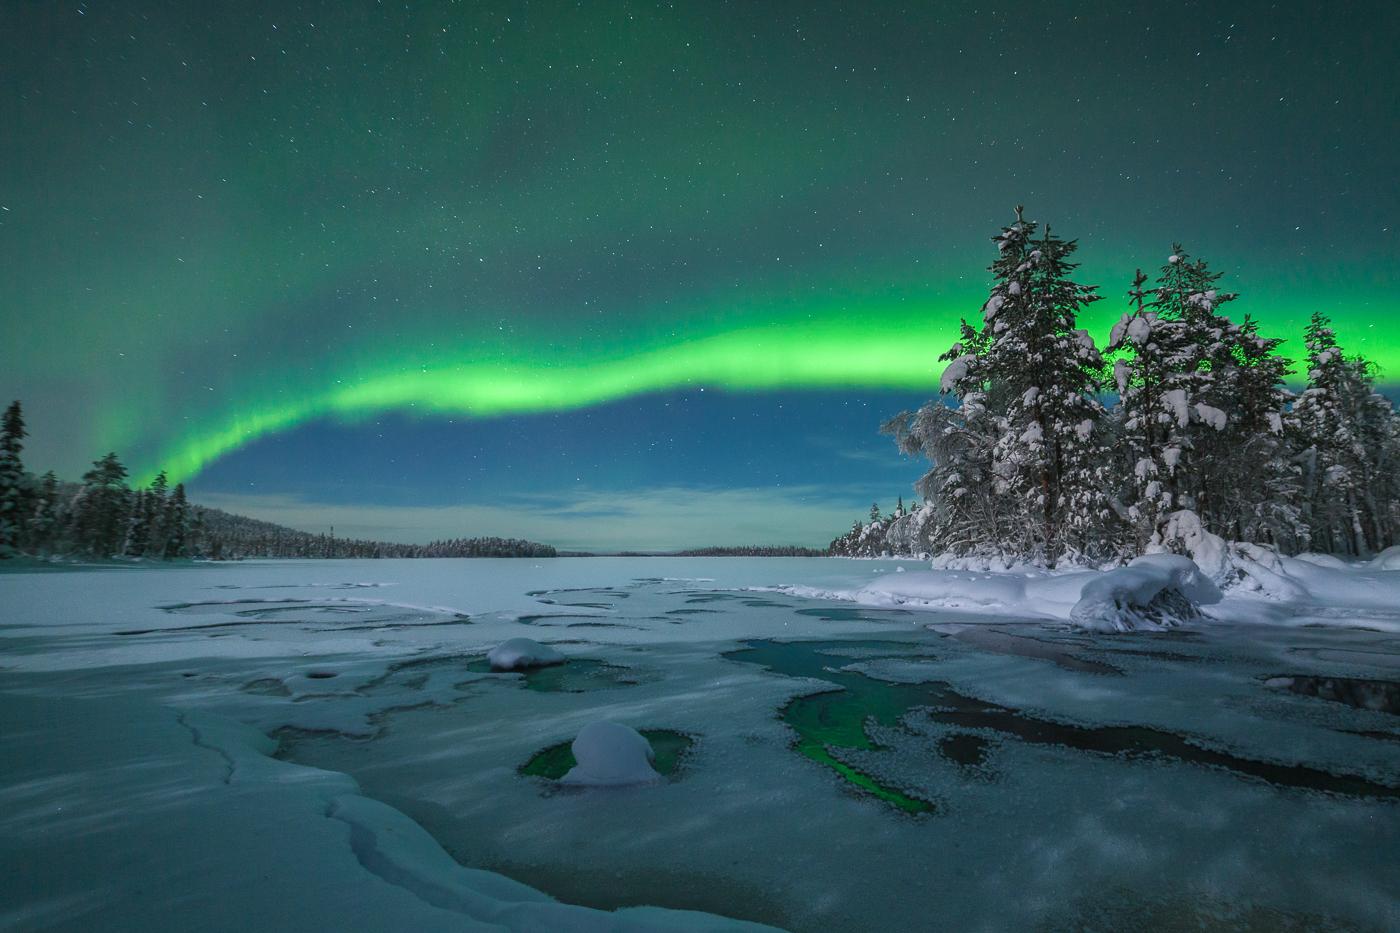 Thin_ice_vuontisjärvi-4.jpg